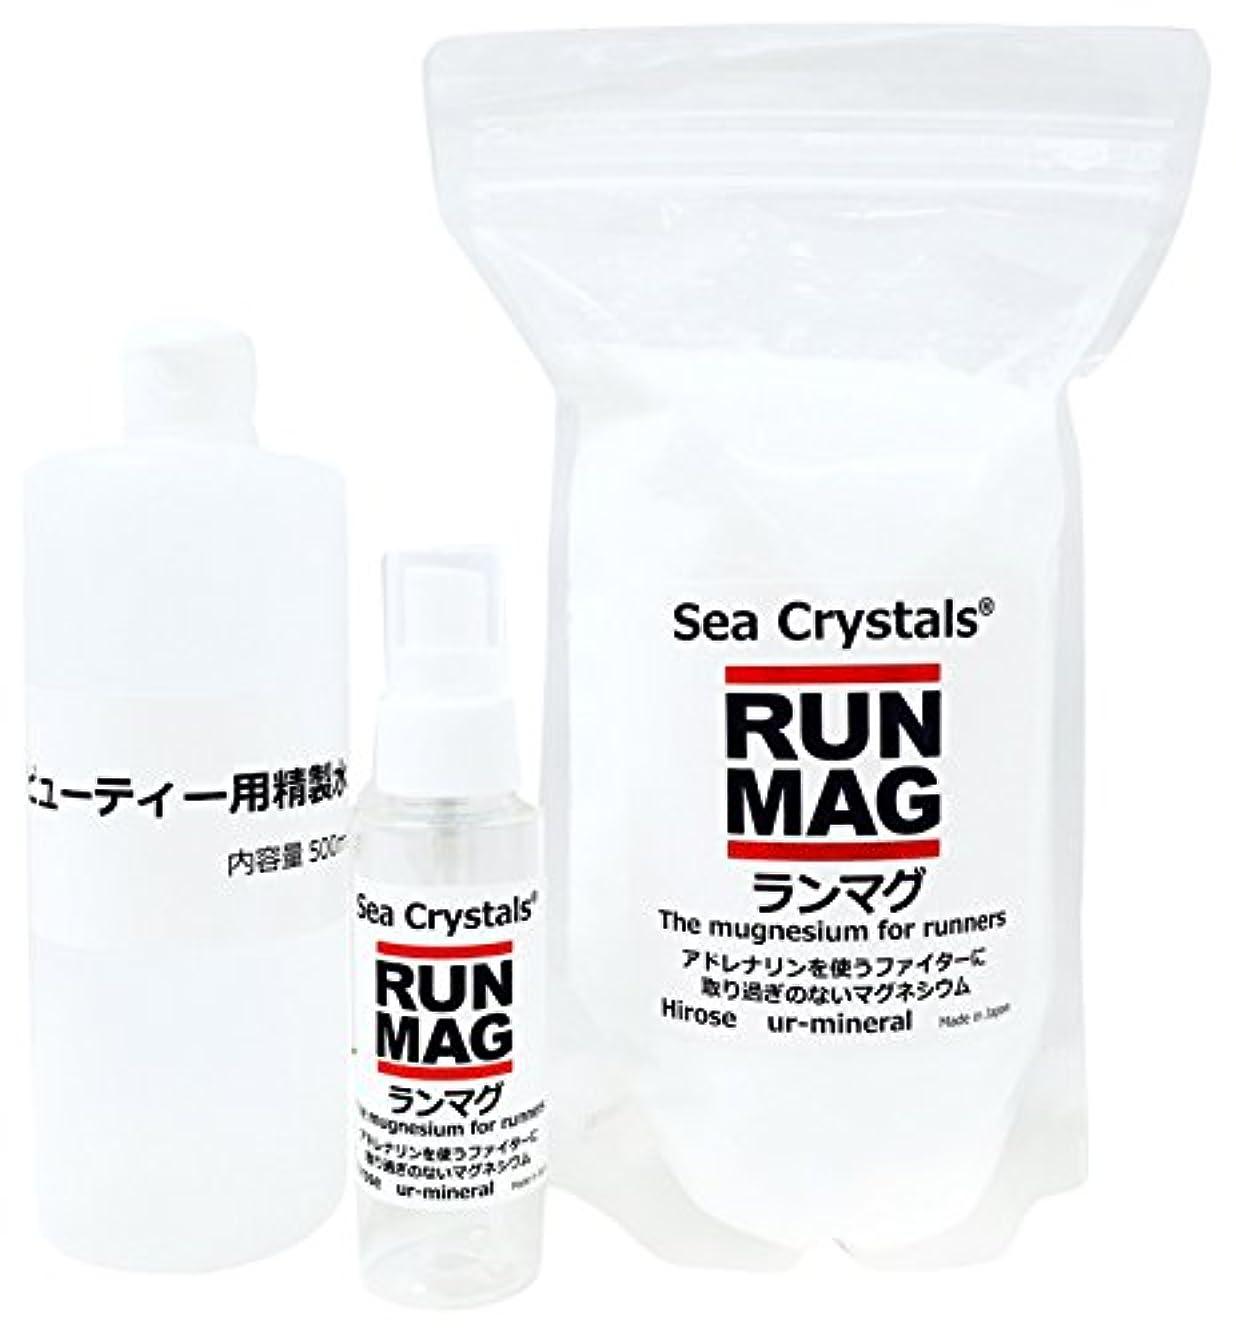 太鼓腹鷲脚本家ランマグ?マグネシウムオイル 500g 化粧品登録 日本製 1日マグネシウム360mg使用  精製水付き